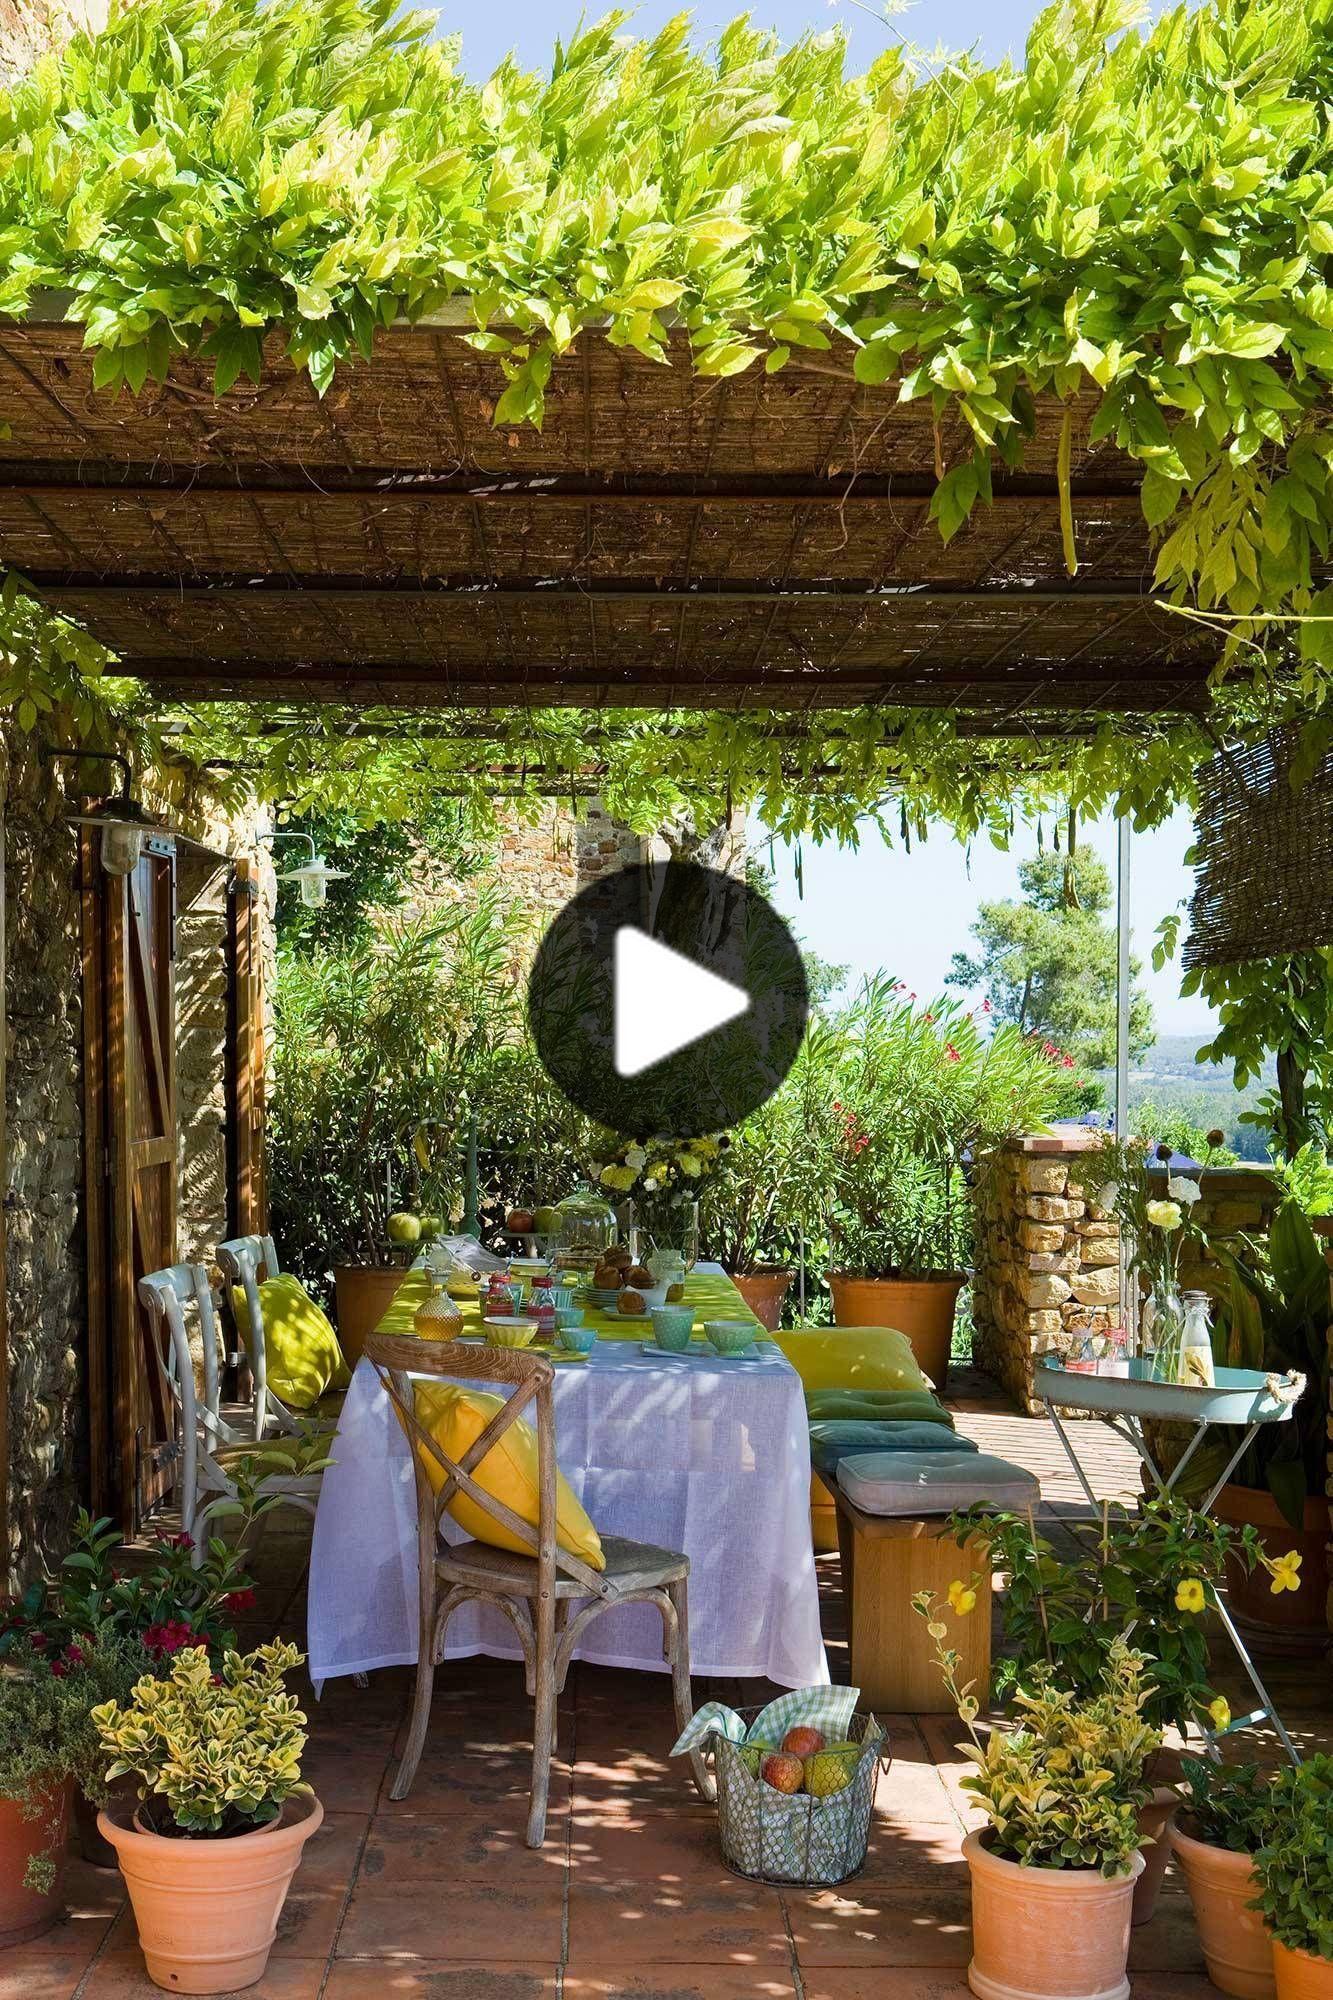 Un Comedor De Exterior Campestre Y Chic En 2020 Cascada De Flores Plantas Trepadoras Terraza Jardin